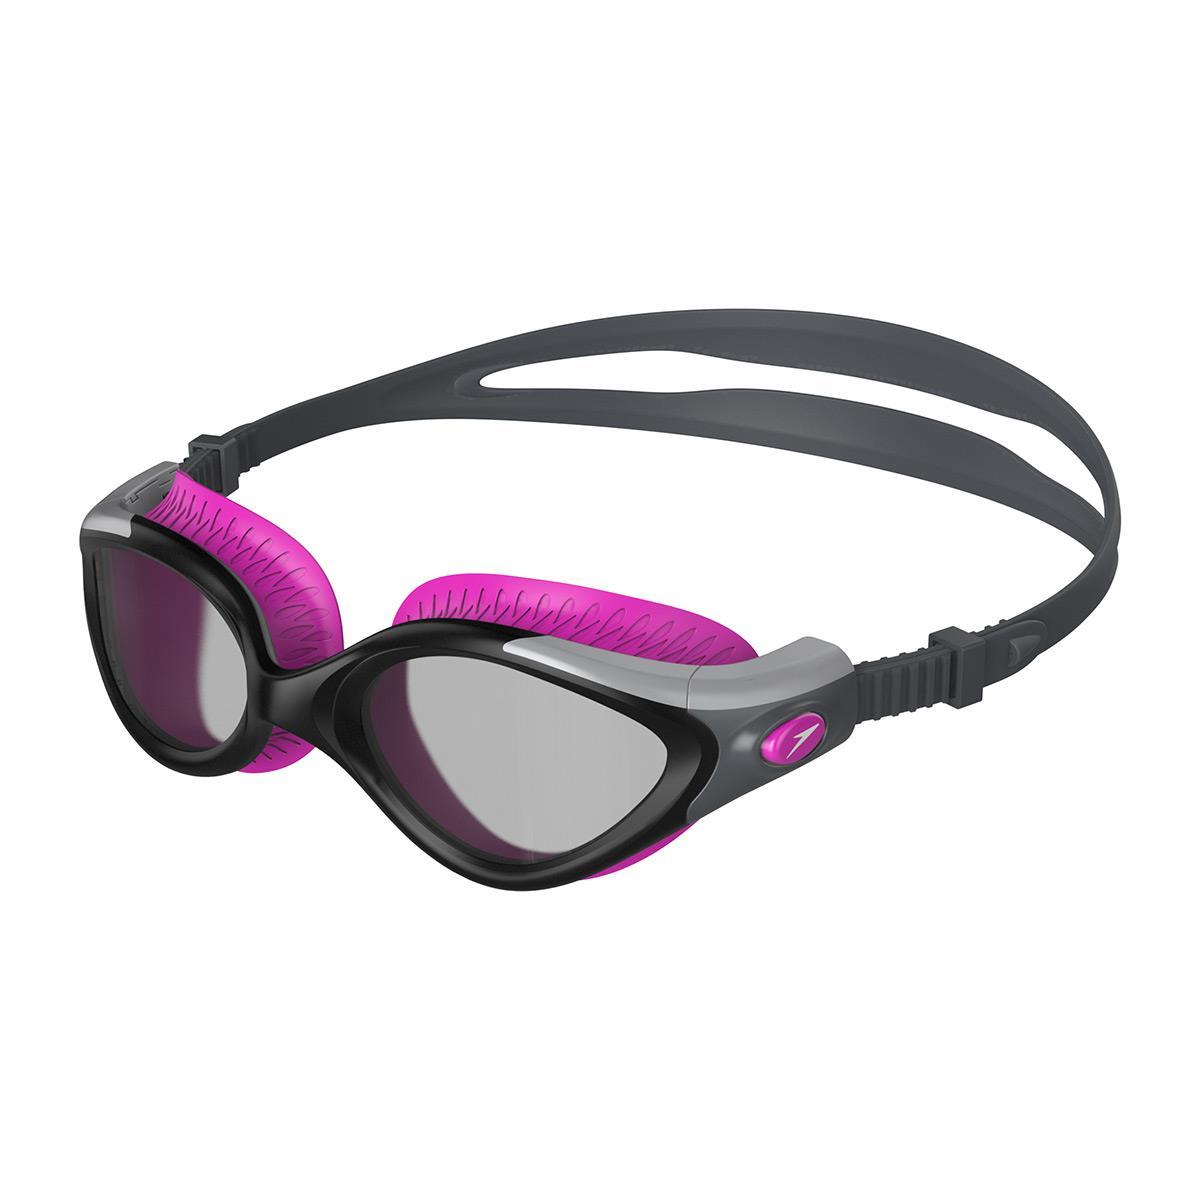 Speedo Fut Bıof Fseal Dual Gog Af Pınk/Smoke Kadın Gözlük